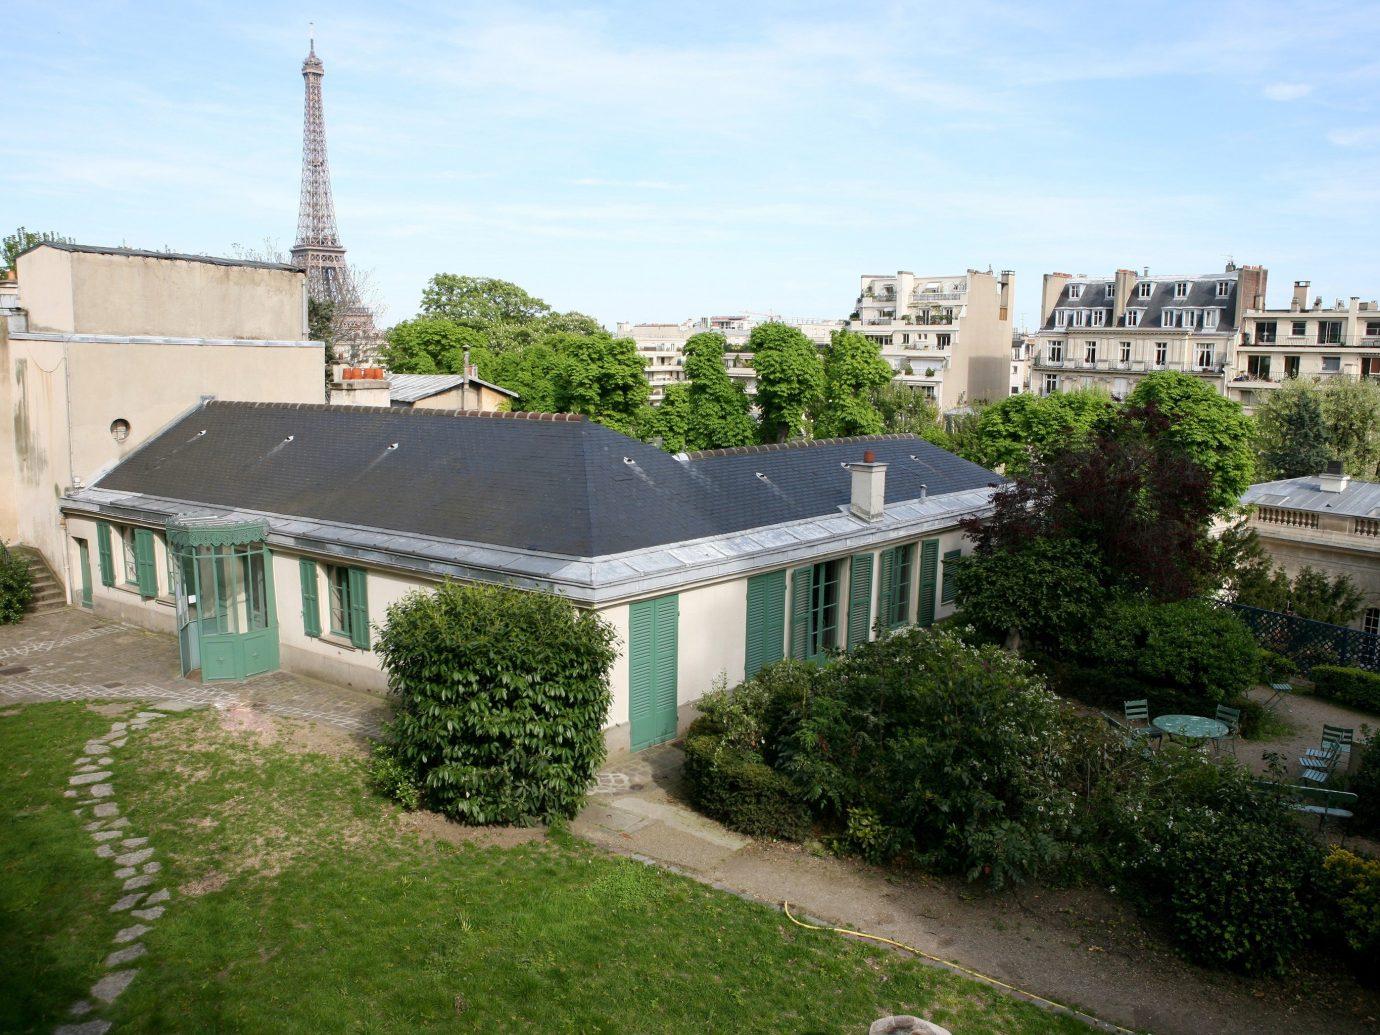 Maison de Balzac in Paris